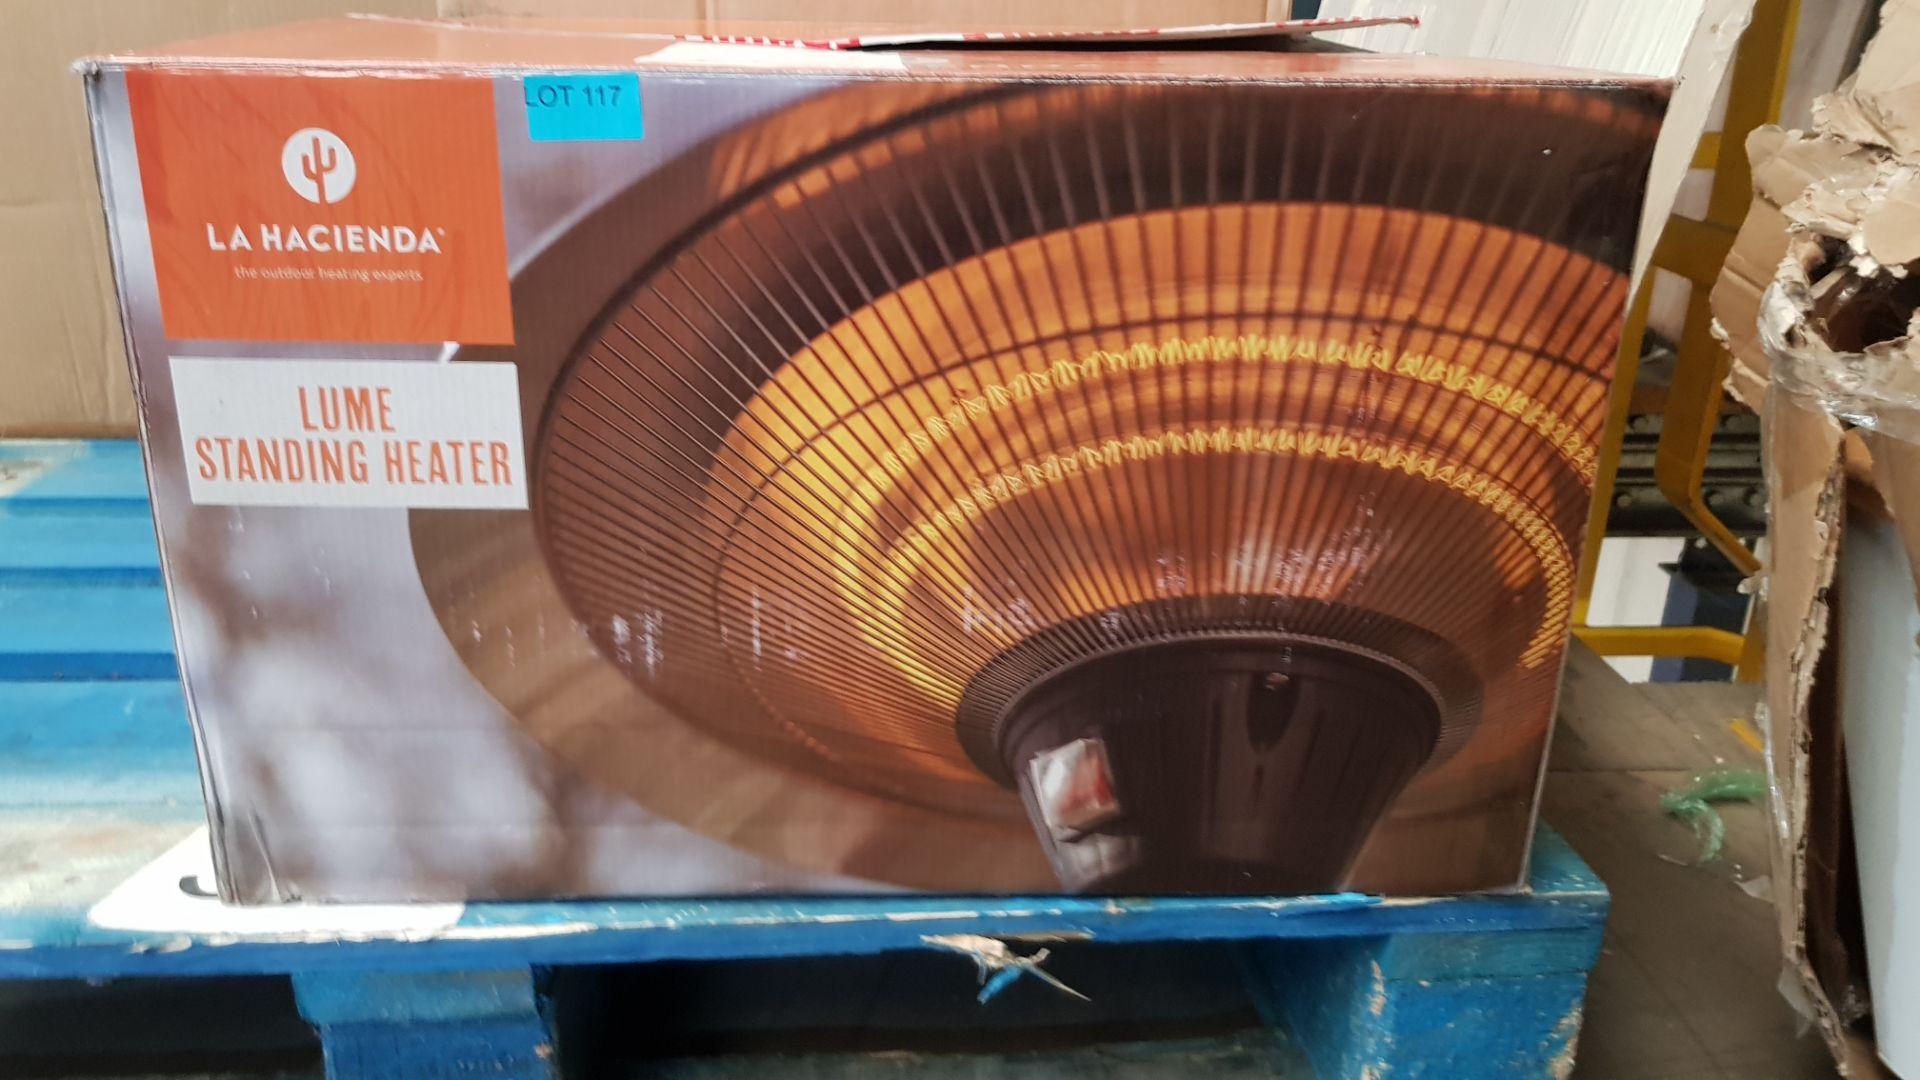 (P3) 1x La Hacienda Lume Standing Heater (H205x D50x Base D40.5cm) - Image 2 of 3